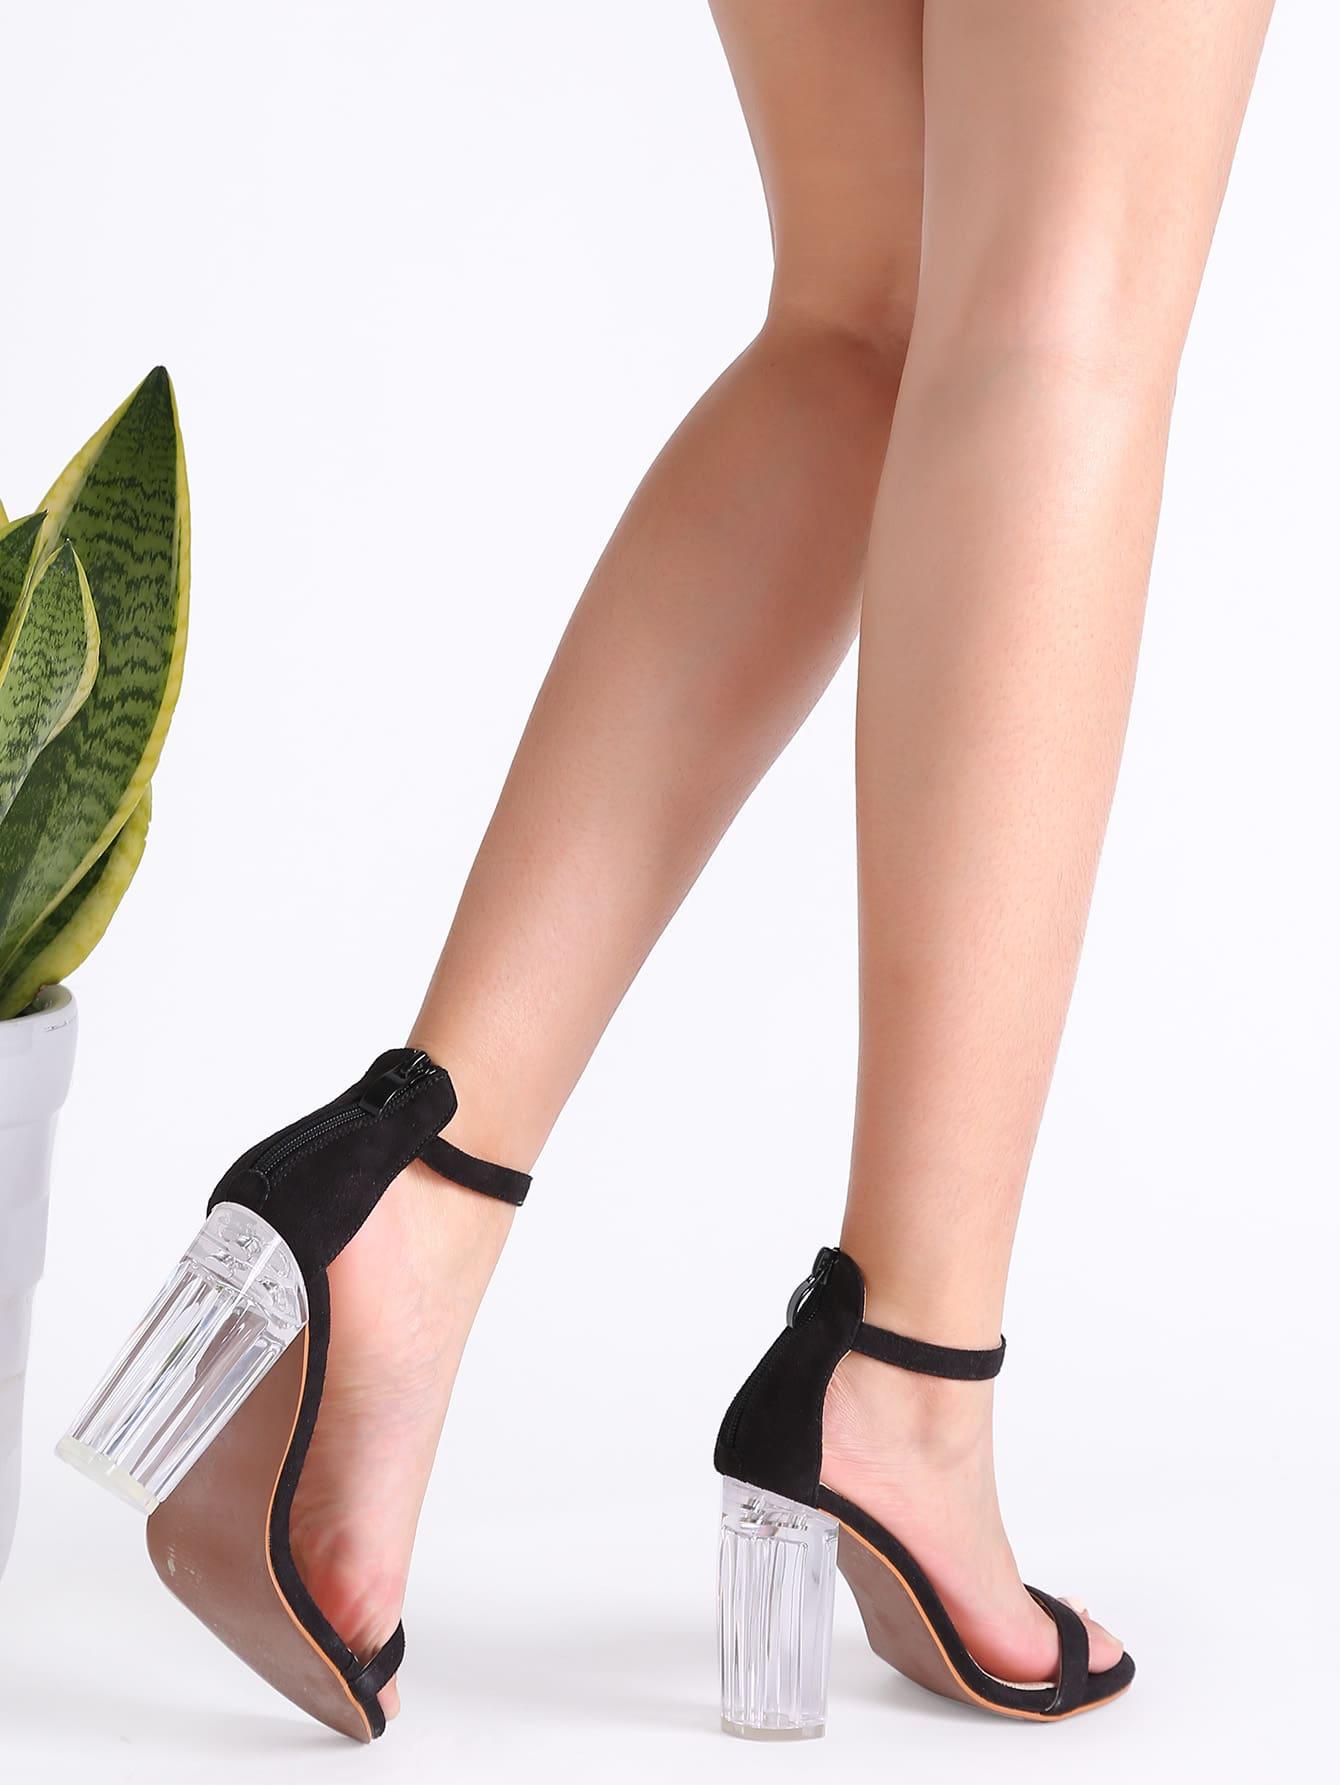 shoes161212802_1